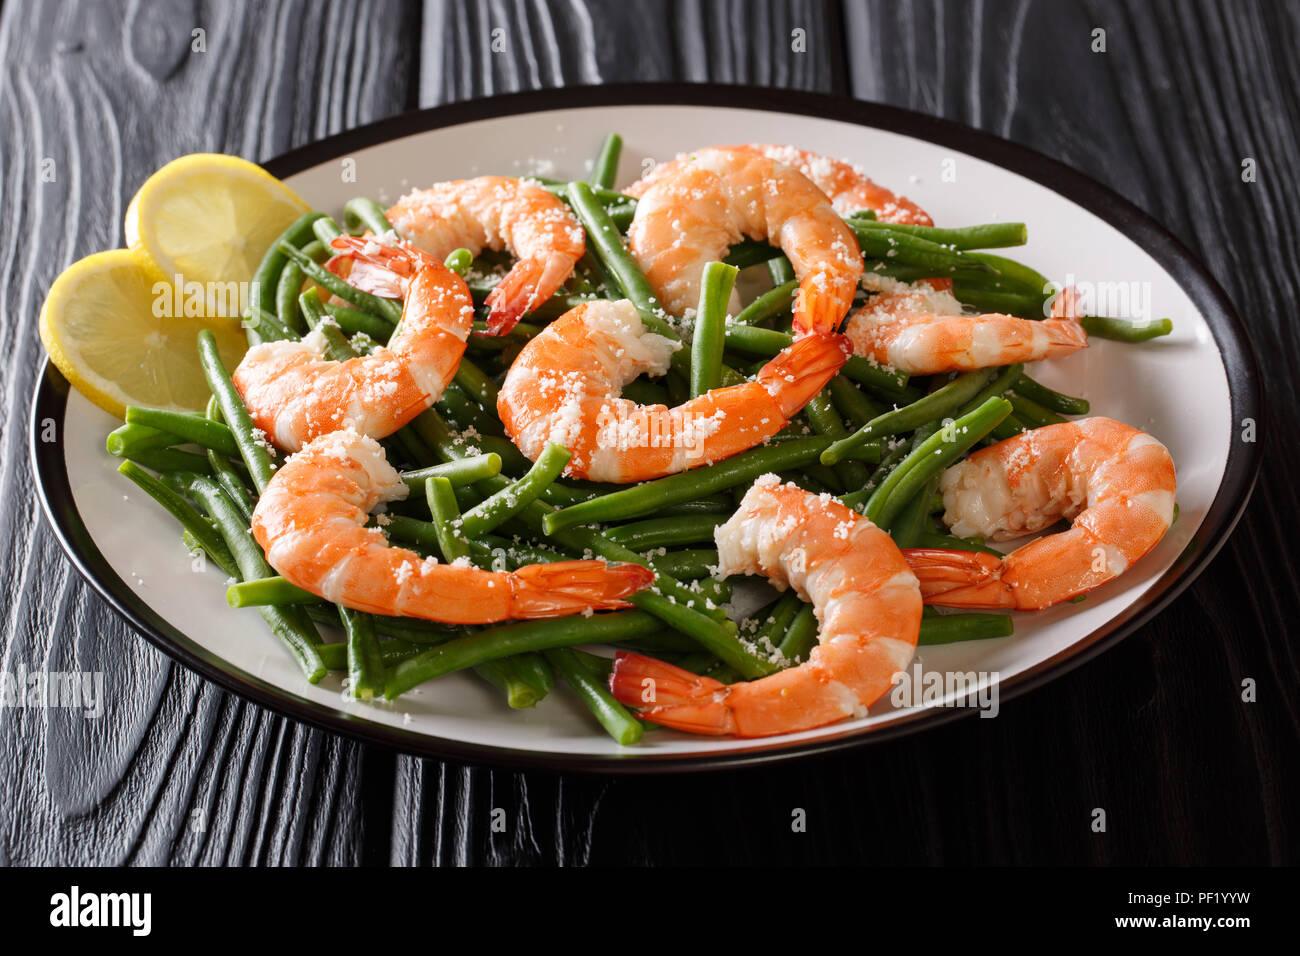 Les aliments biologiques, salade verte avec crevettes: haricots, fromage et citron close-up sur une plaque sur une table horizontale. Photo Stock